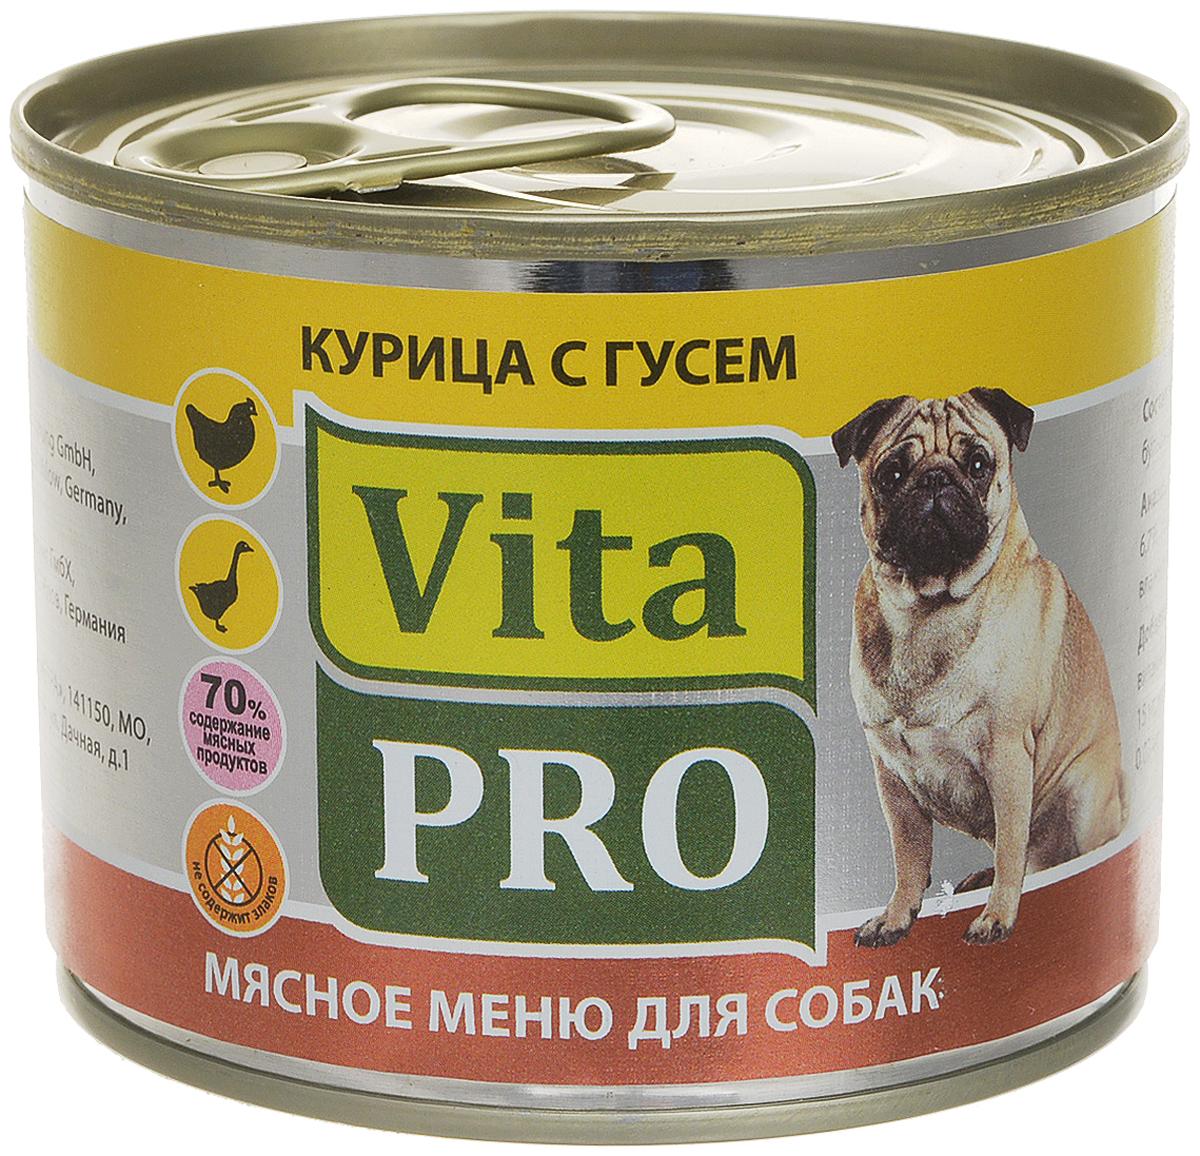 Консервы Vita ProМясное меню для собак, курица и гусь, 200 г консервы для кошек vita pro мясное меню с индейкой и уткой 100 г 90102